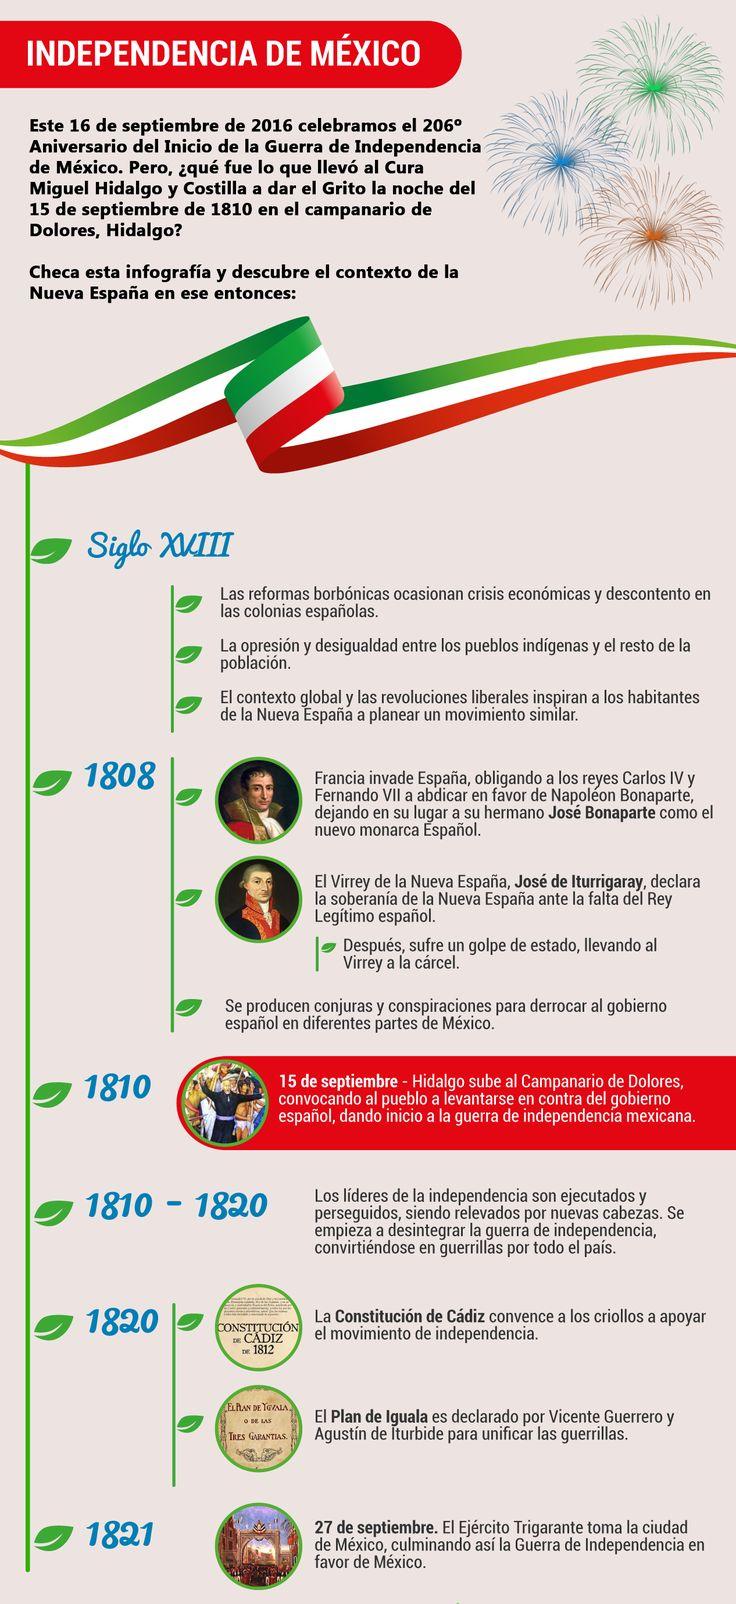 Este 16 de septiembre de 2016 celebramos el 206º Aniversario del Inicio de la Guerra de Independencia de México. Pero, ¿qué fue lo que llevó al Cura Miguel Hidalgo y Costilla a dar el Grito la noche del 15 de septiembre de 1810 en el campanario de Dolores, Hidalgo?